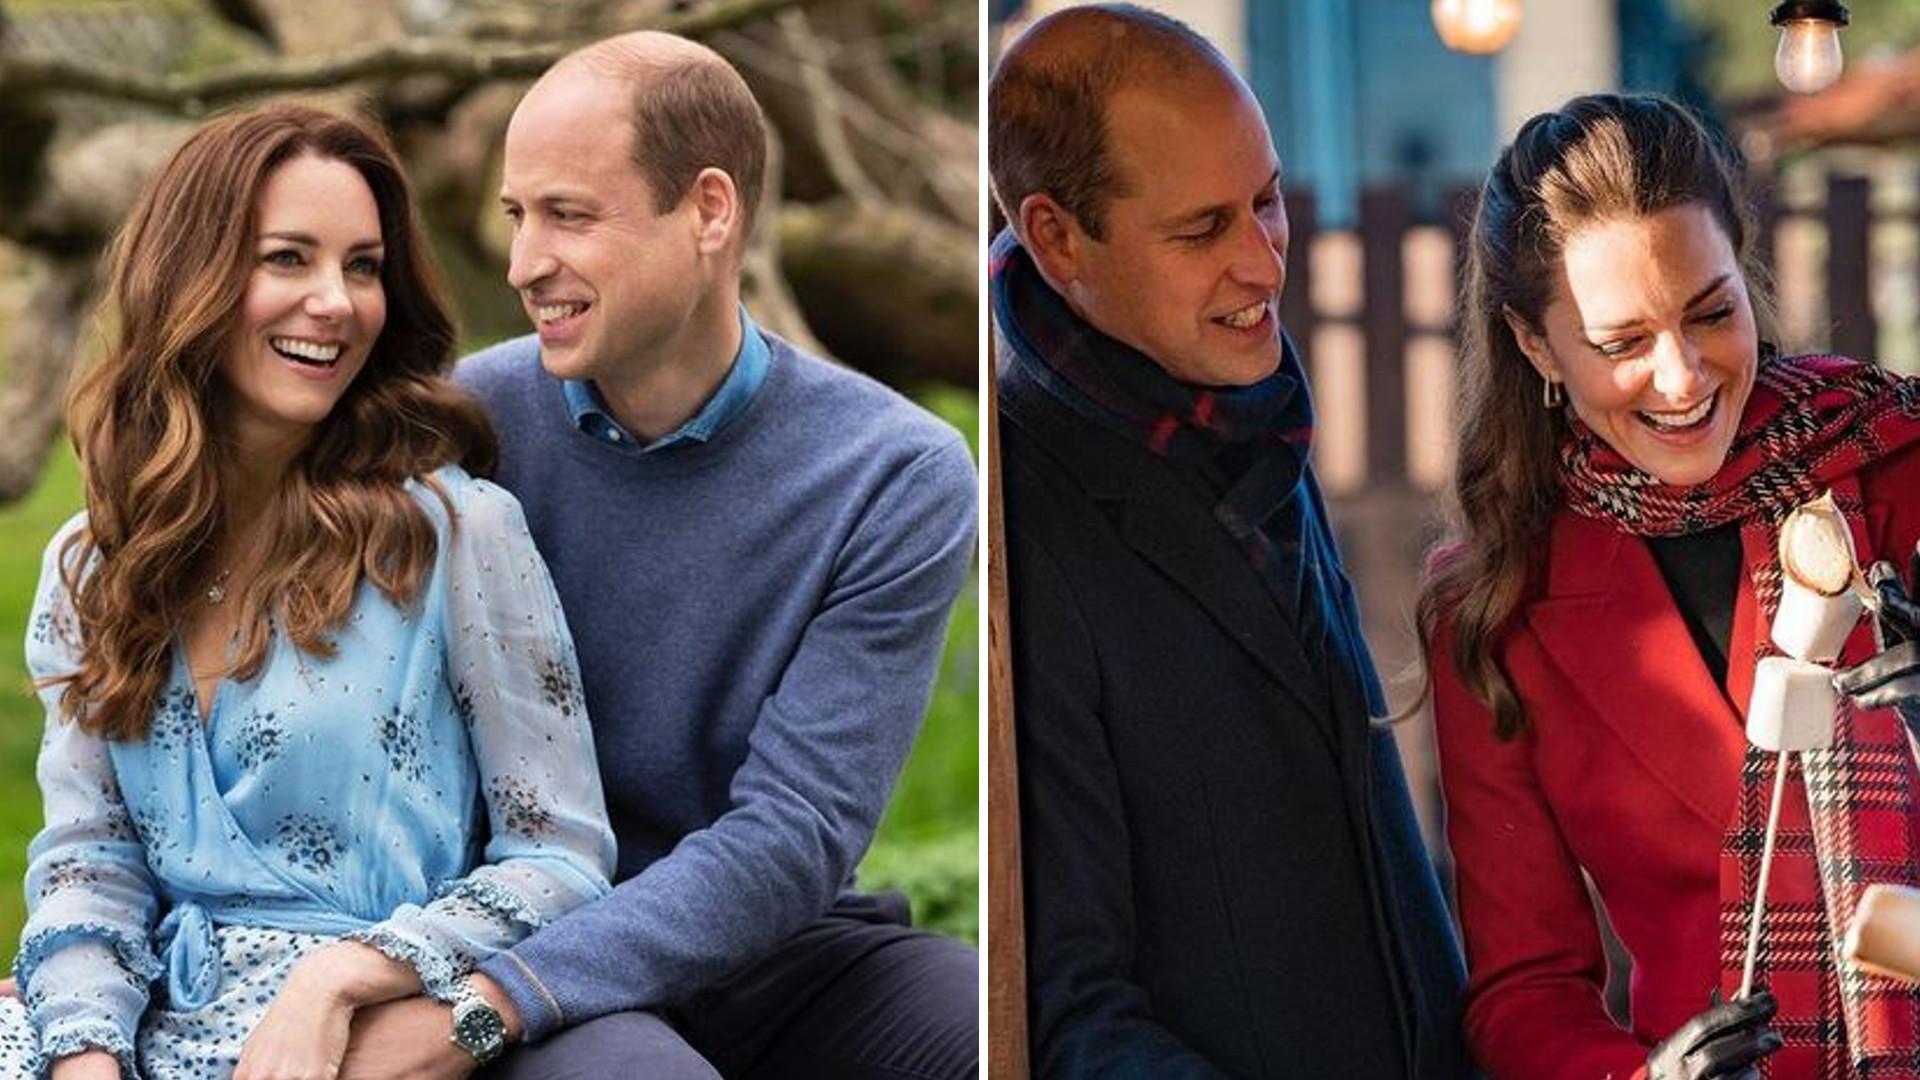 WOW! Książę William dał TAKI prezent księżnej Kate z okazji rocznicy? Wywęszyli to fani